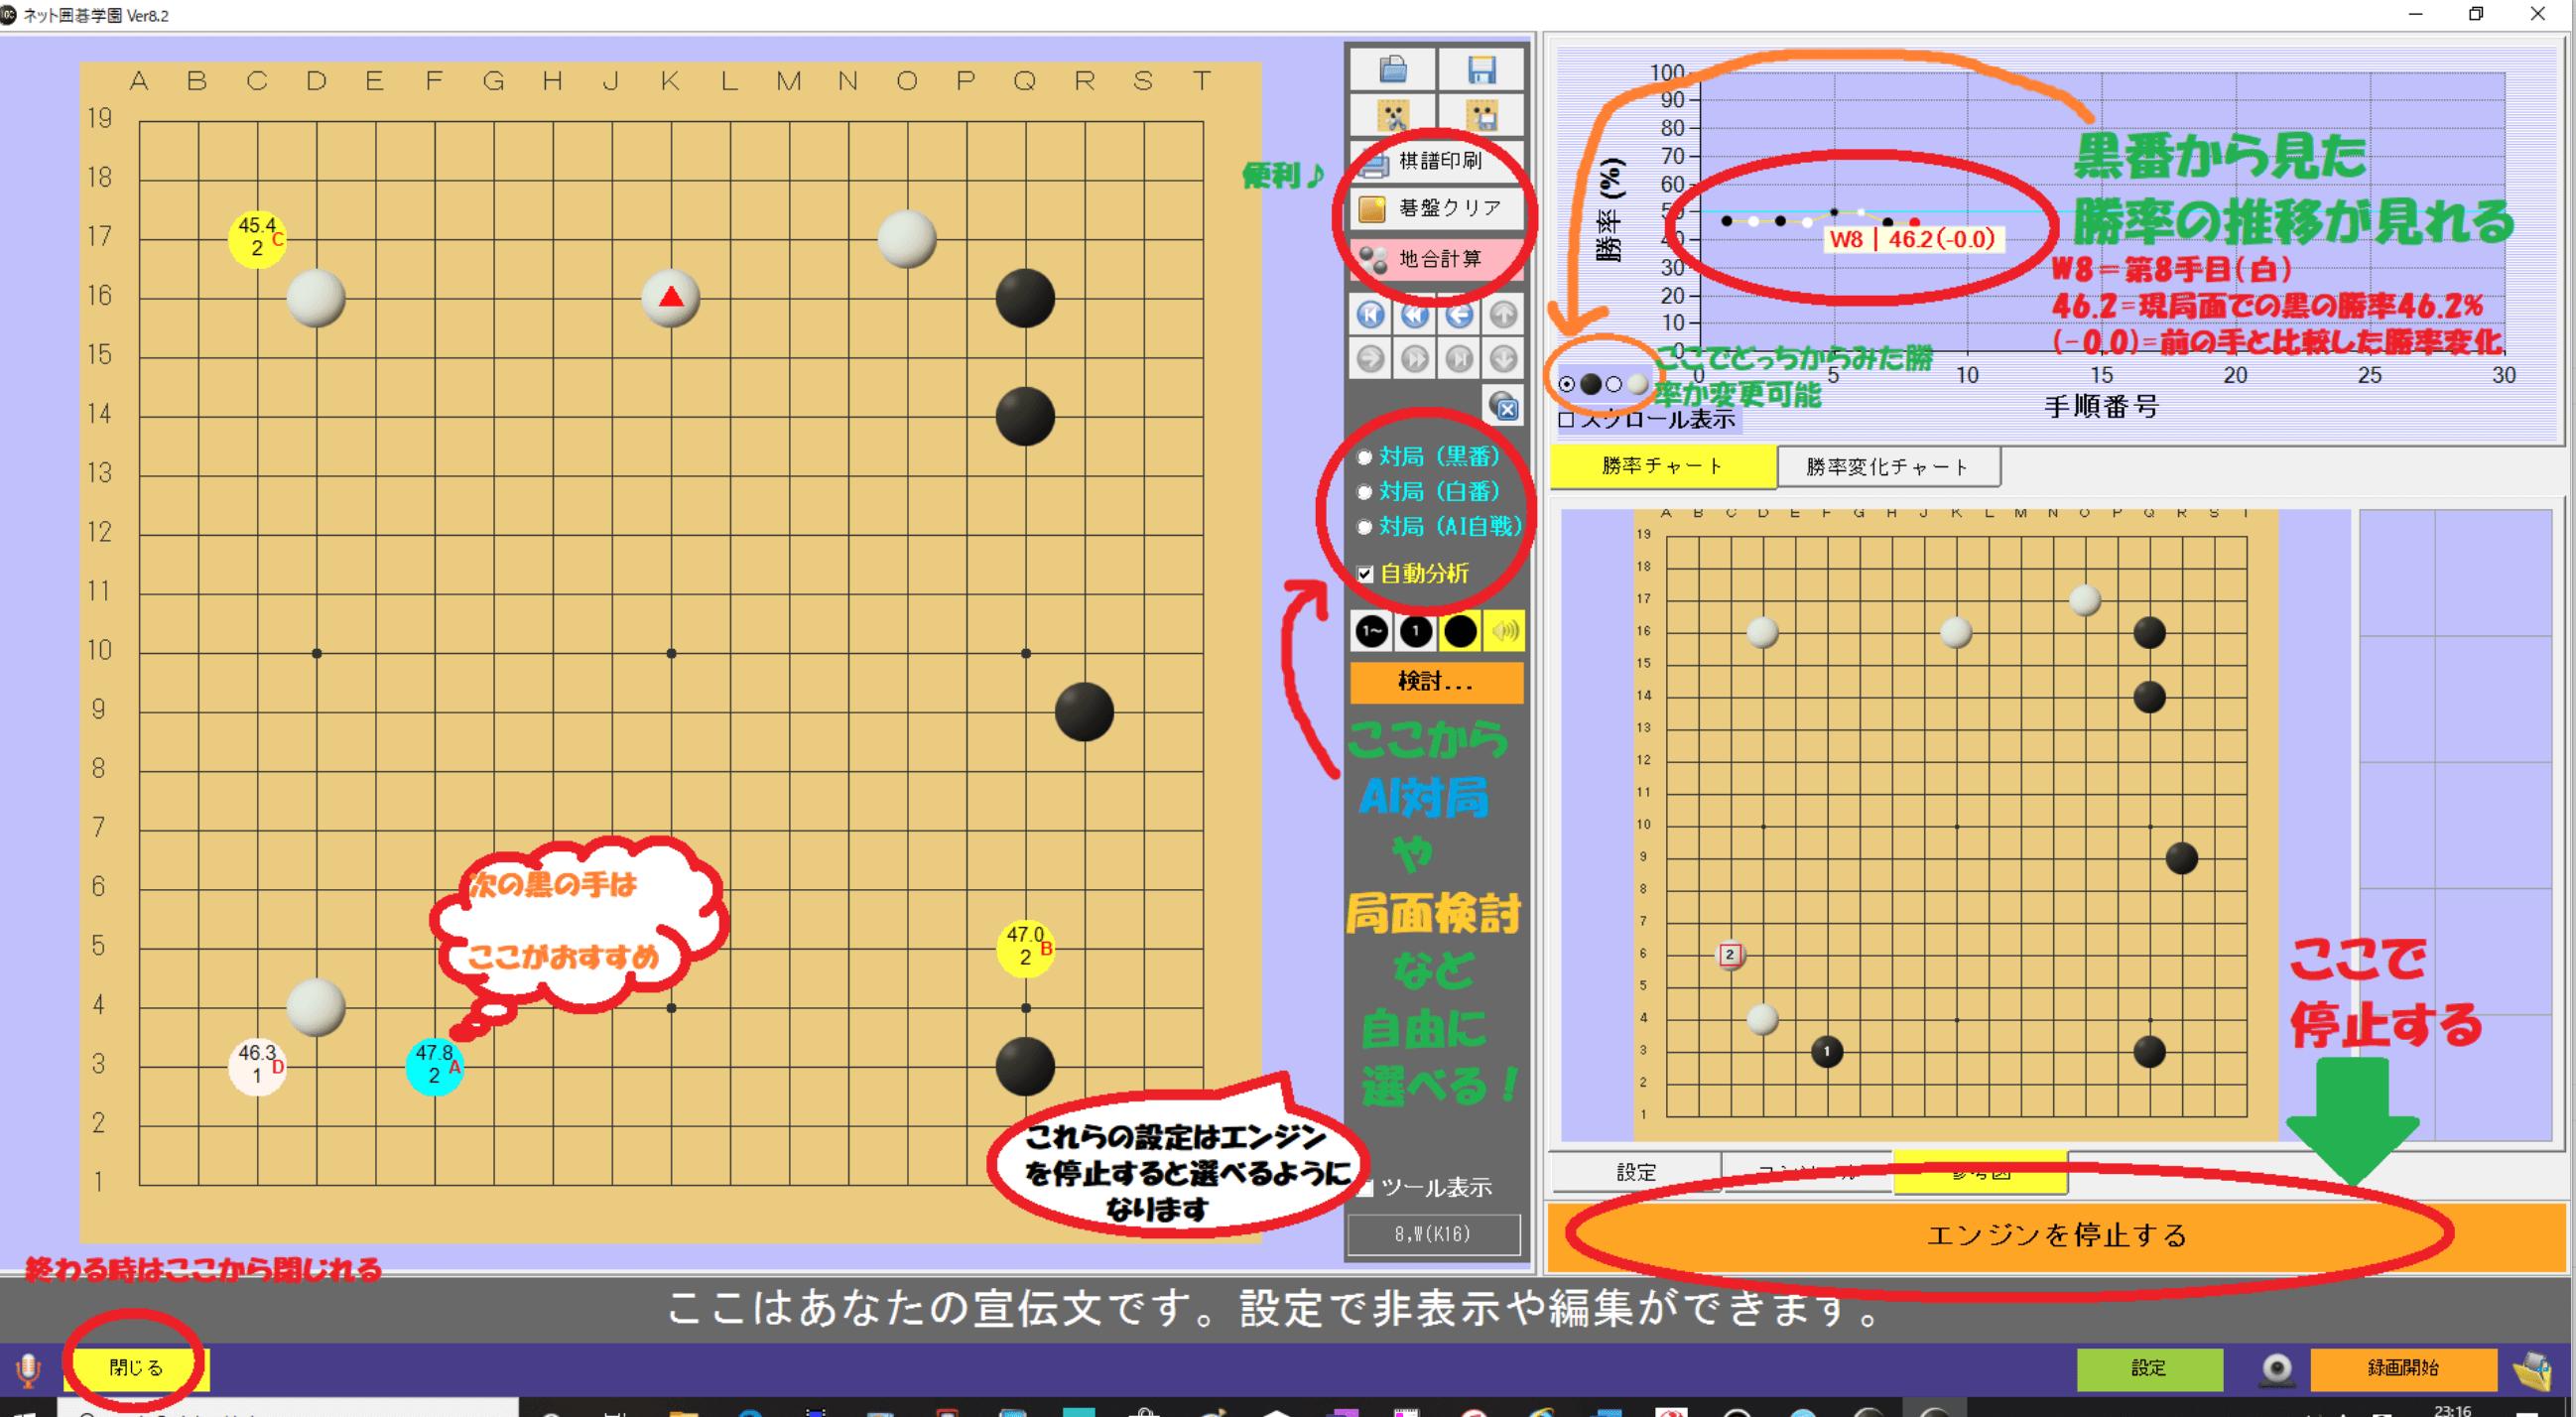 ネット碁学園AI機能詳しい使い方